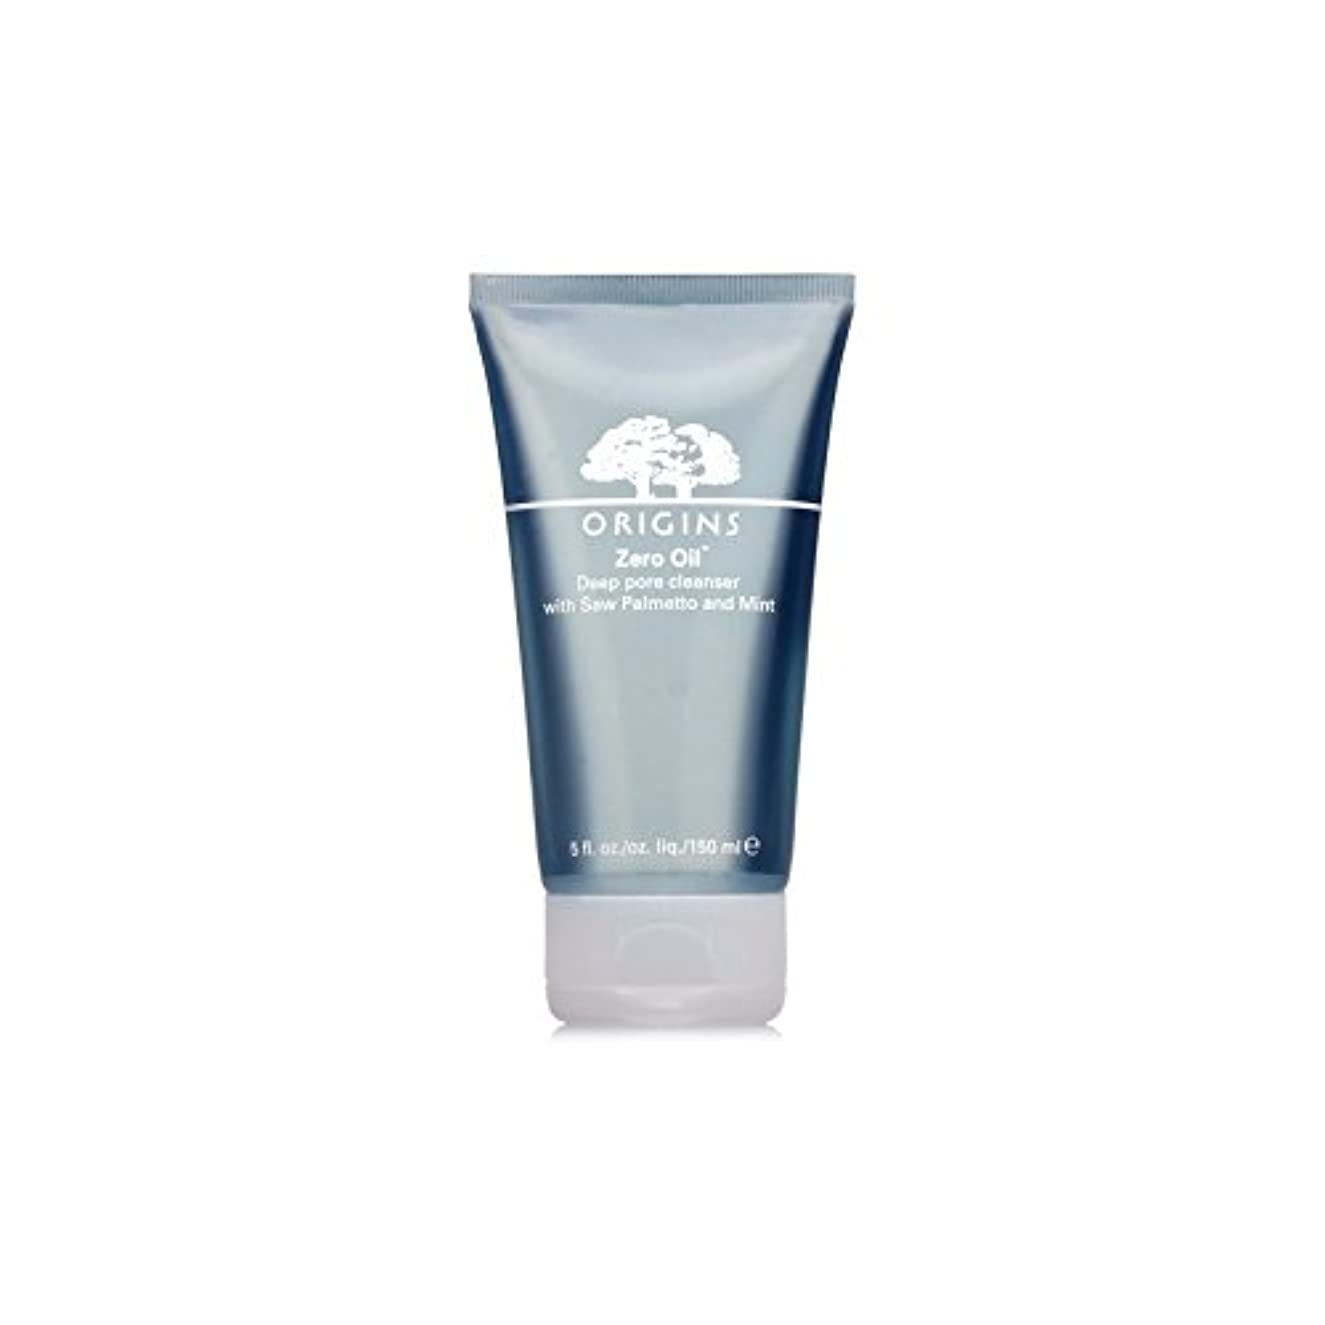 風もつれ瞑想的Origins Zero Oil Deep Pore Cleanser With Saw Palmetto & Mint 150ml (Pack of 6) - ノコギリヤシ&ミント150ミリリットルとの起源ゼロ油深いポアクレンザー x6 [並行輸入品]